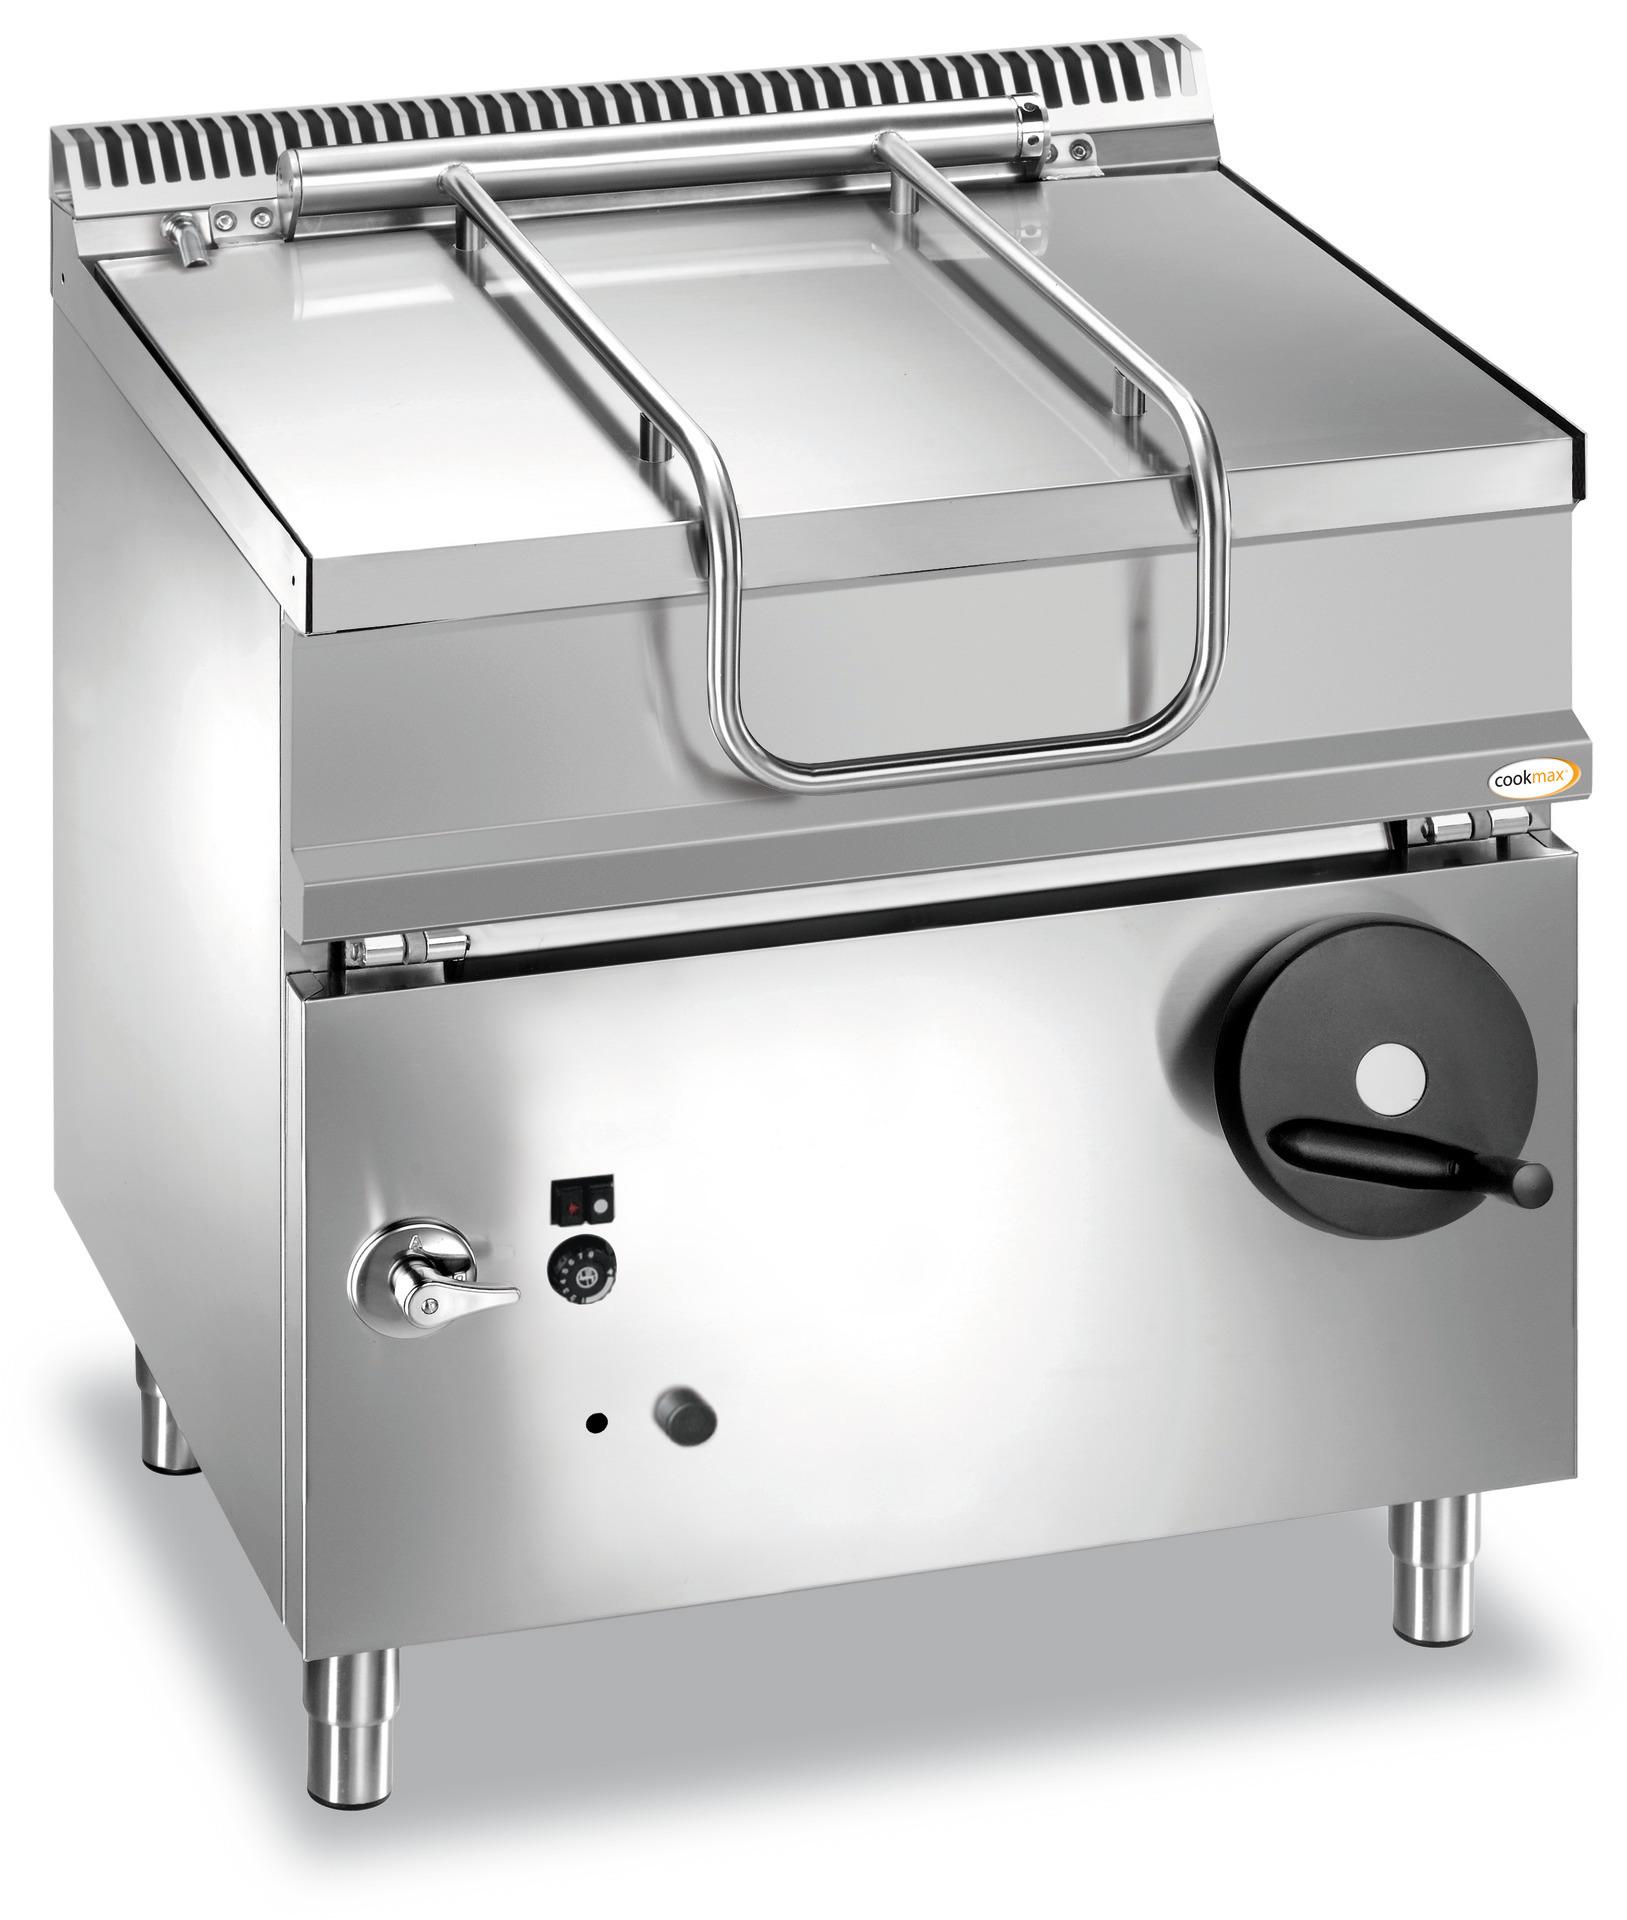 Gas-Kippbratpfanne 60 l manuelle Kippung 800 x 700 x 850 mm